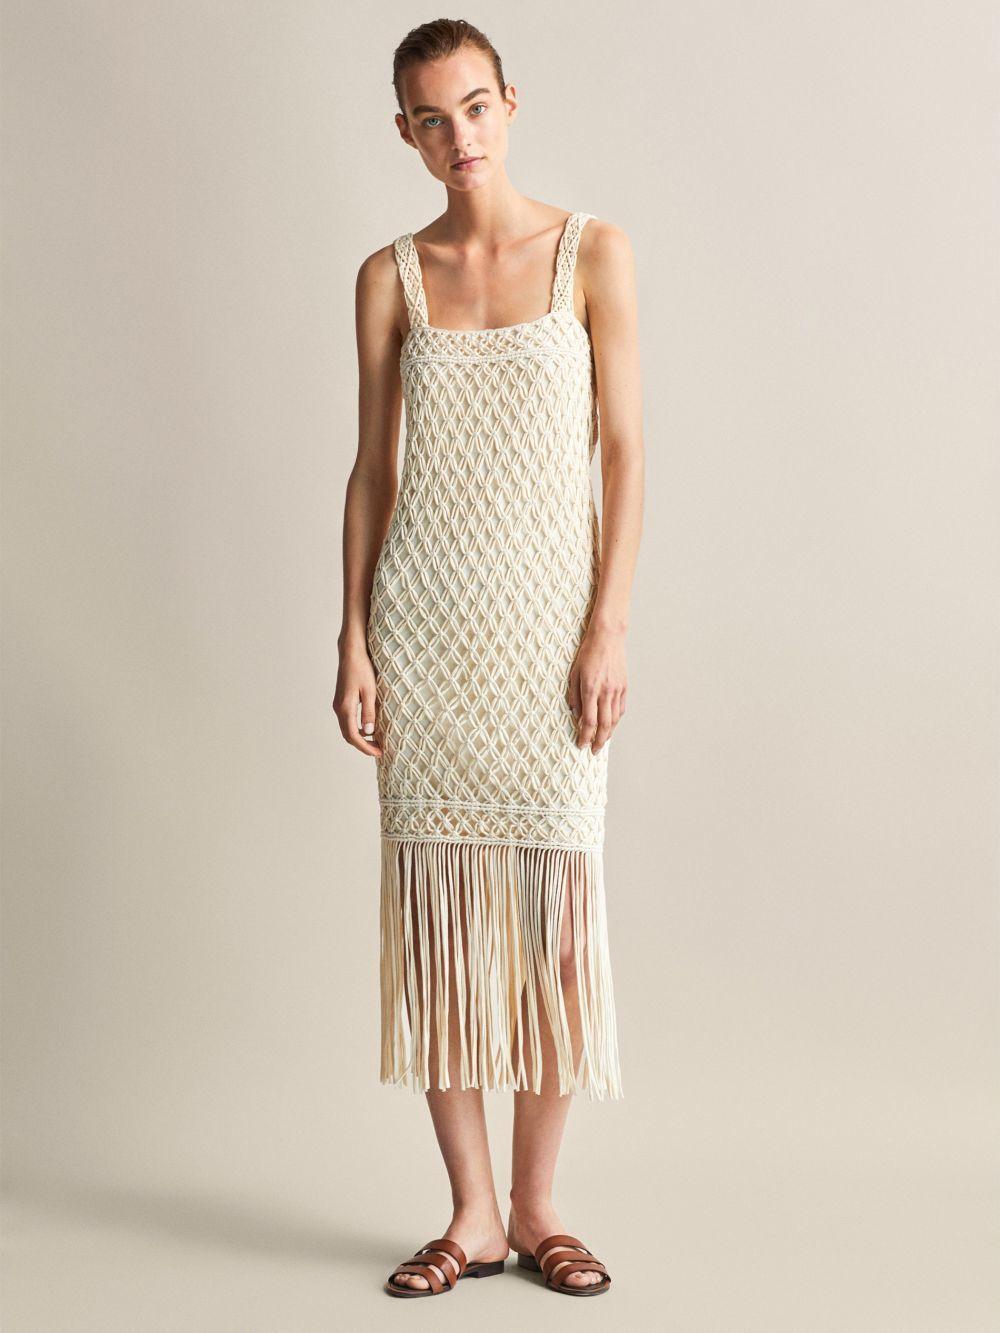 Vestido de ganchillo, de Massimo Dutti (129 euros).